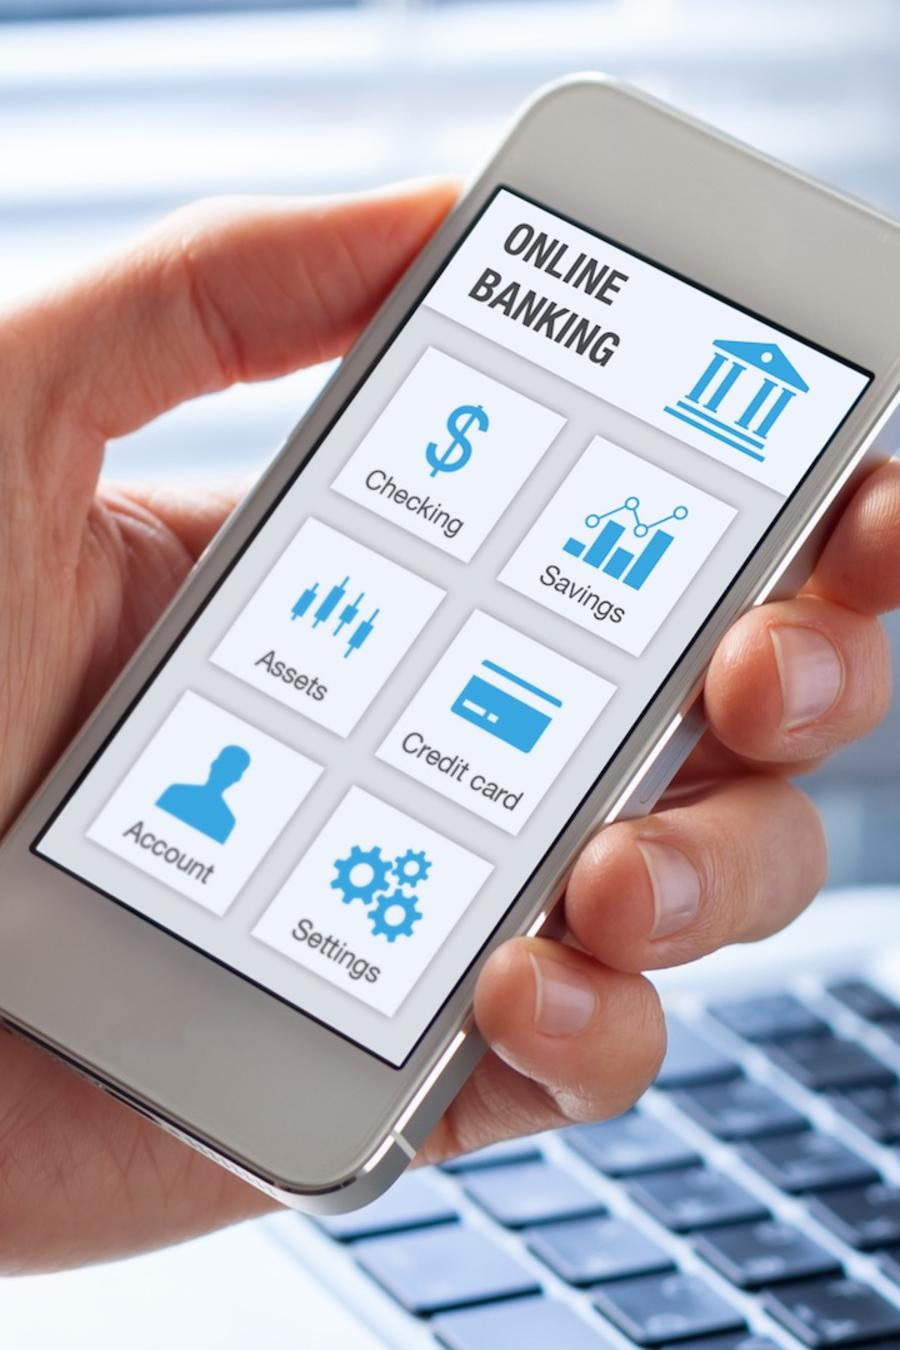 Persona usando banco en línea